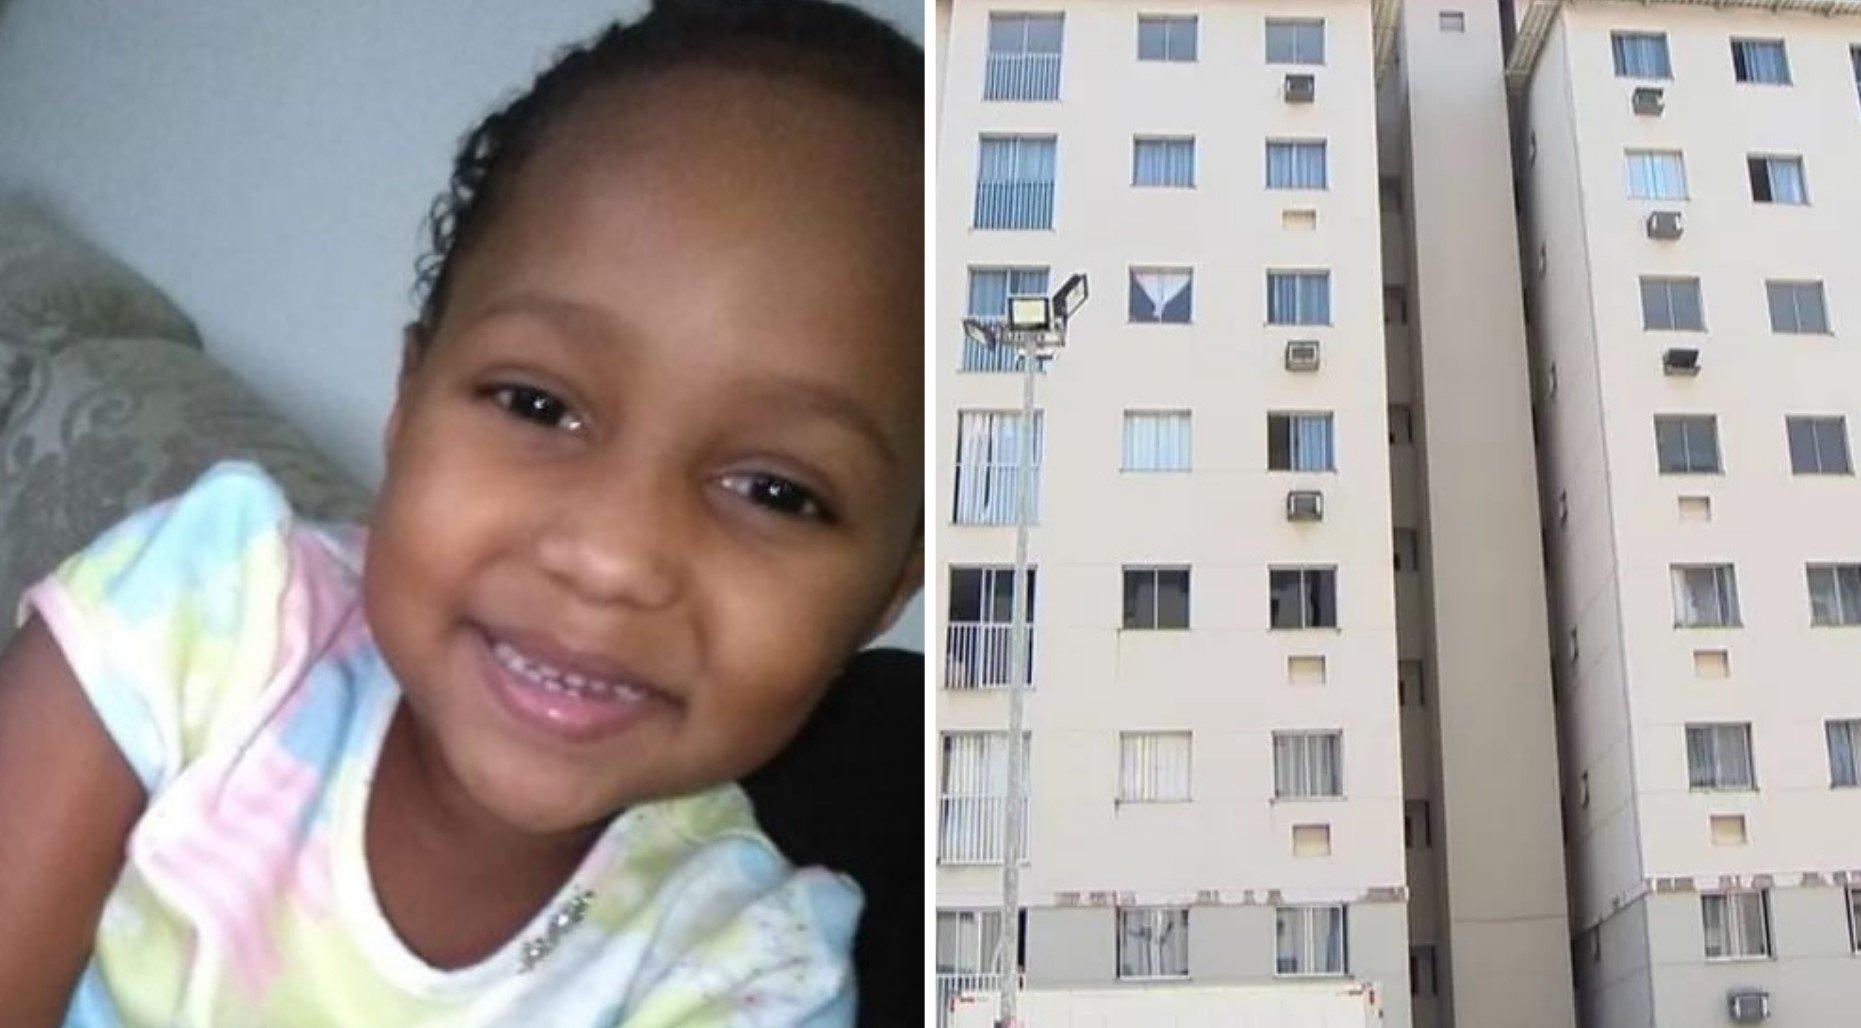 Menina de 5 anos cai de 6º andar e sobrevive após oração de vizinhos